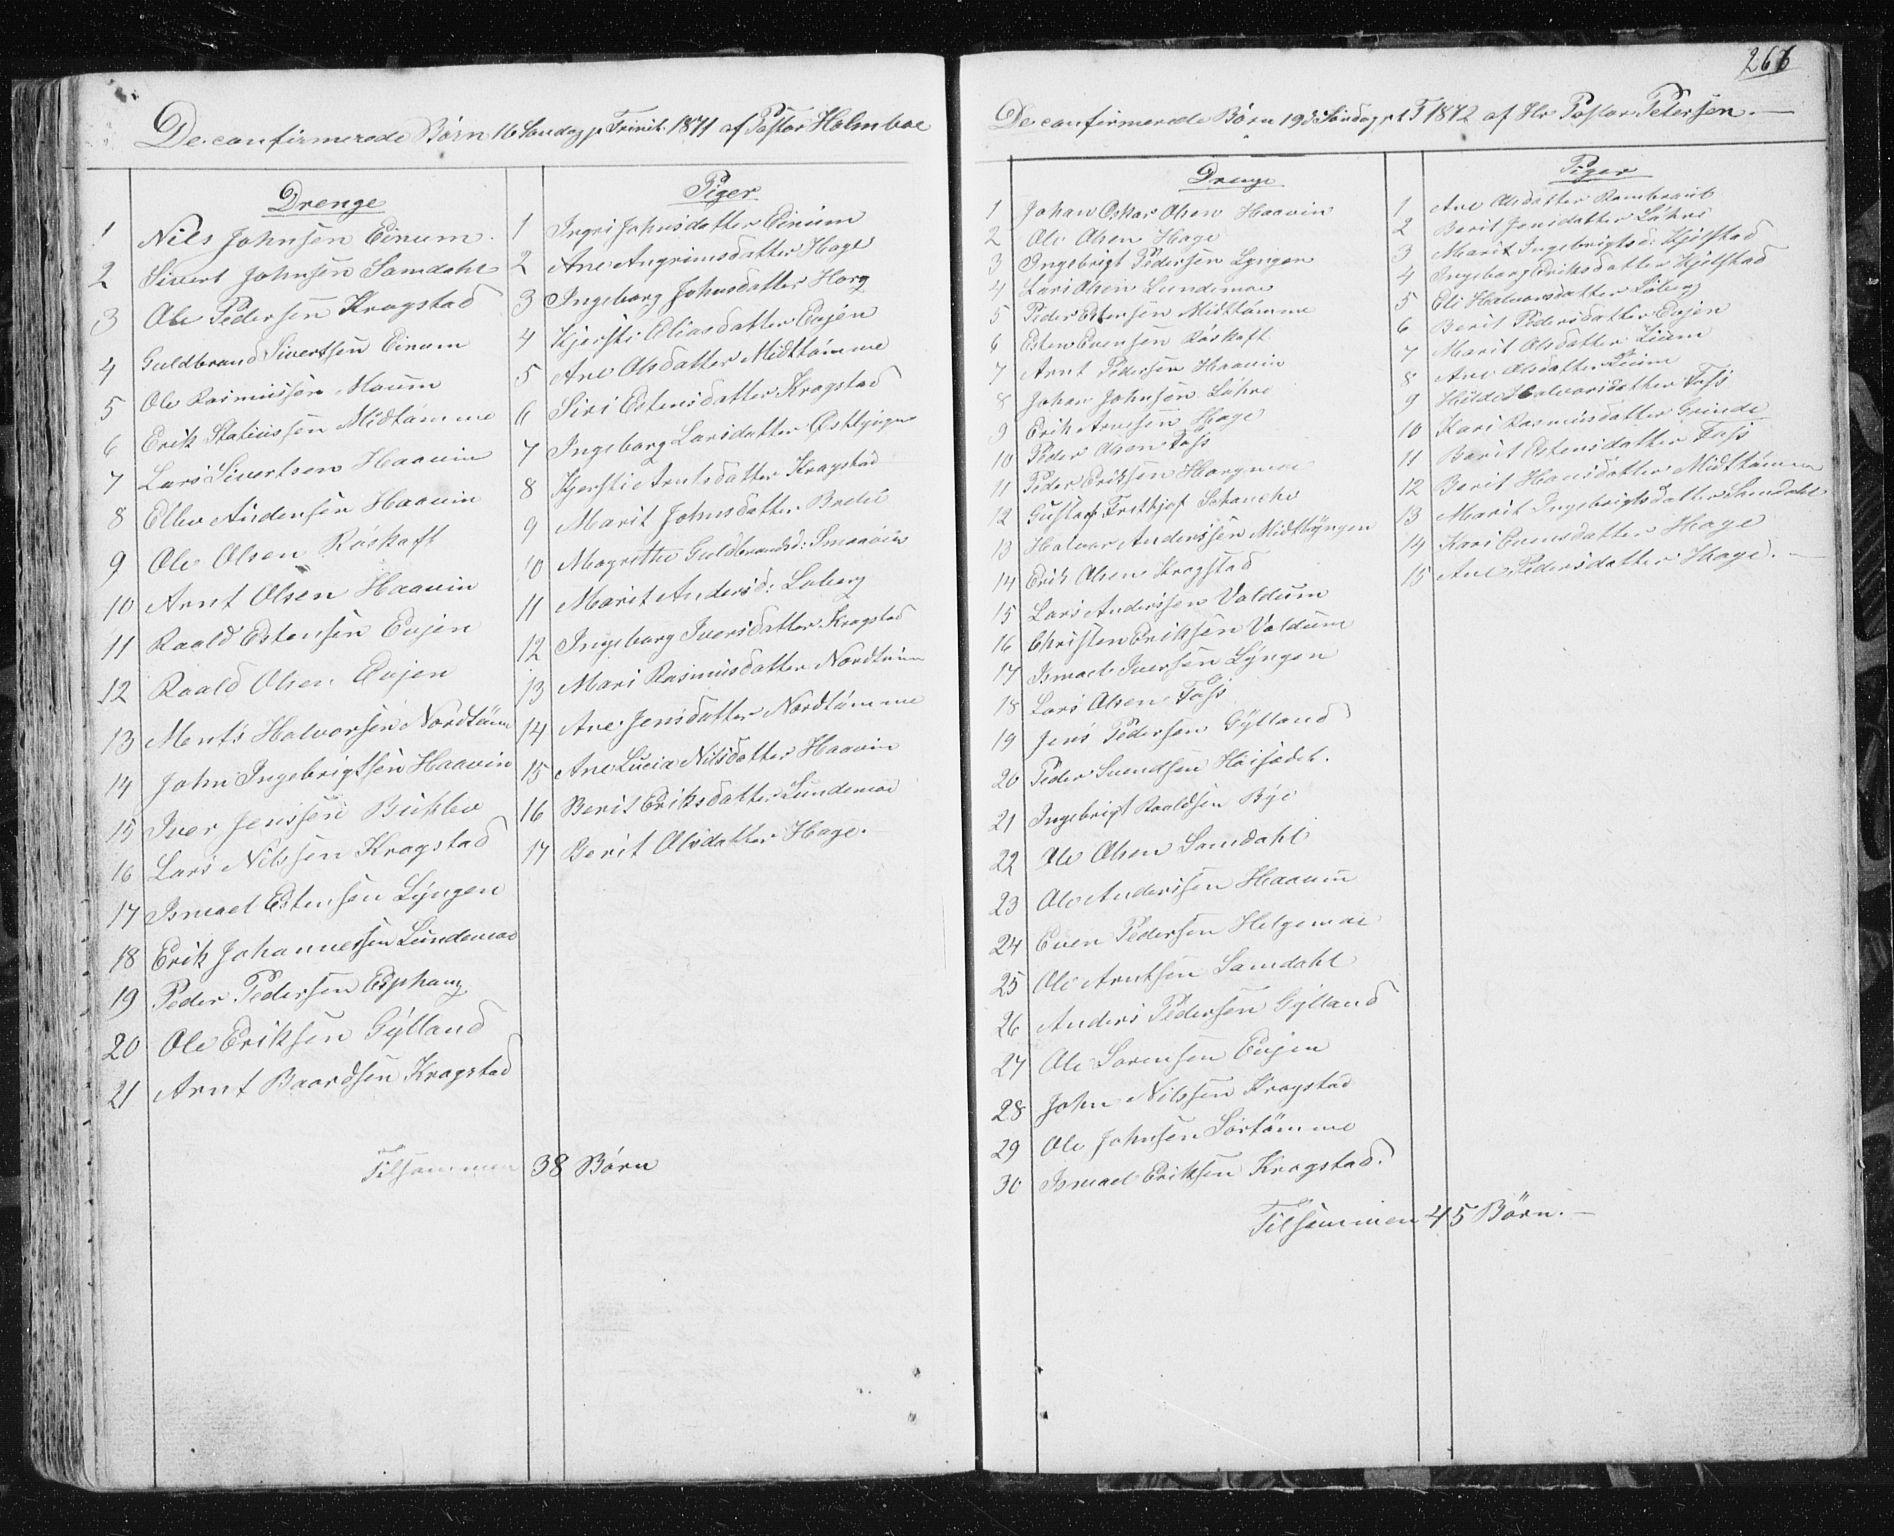 SAT, Ministerialprotokoller, klokkerbøker og fødselsregistre - Sør-Trøndelag, 692/L1110: Klokkerbok nr. 692C05, 1849-1889, s. 266